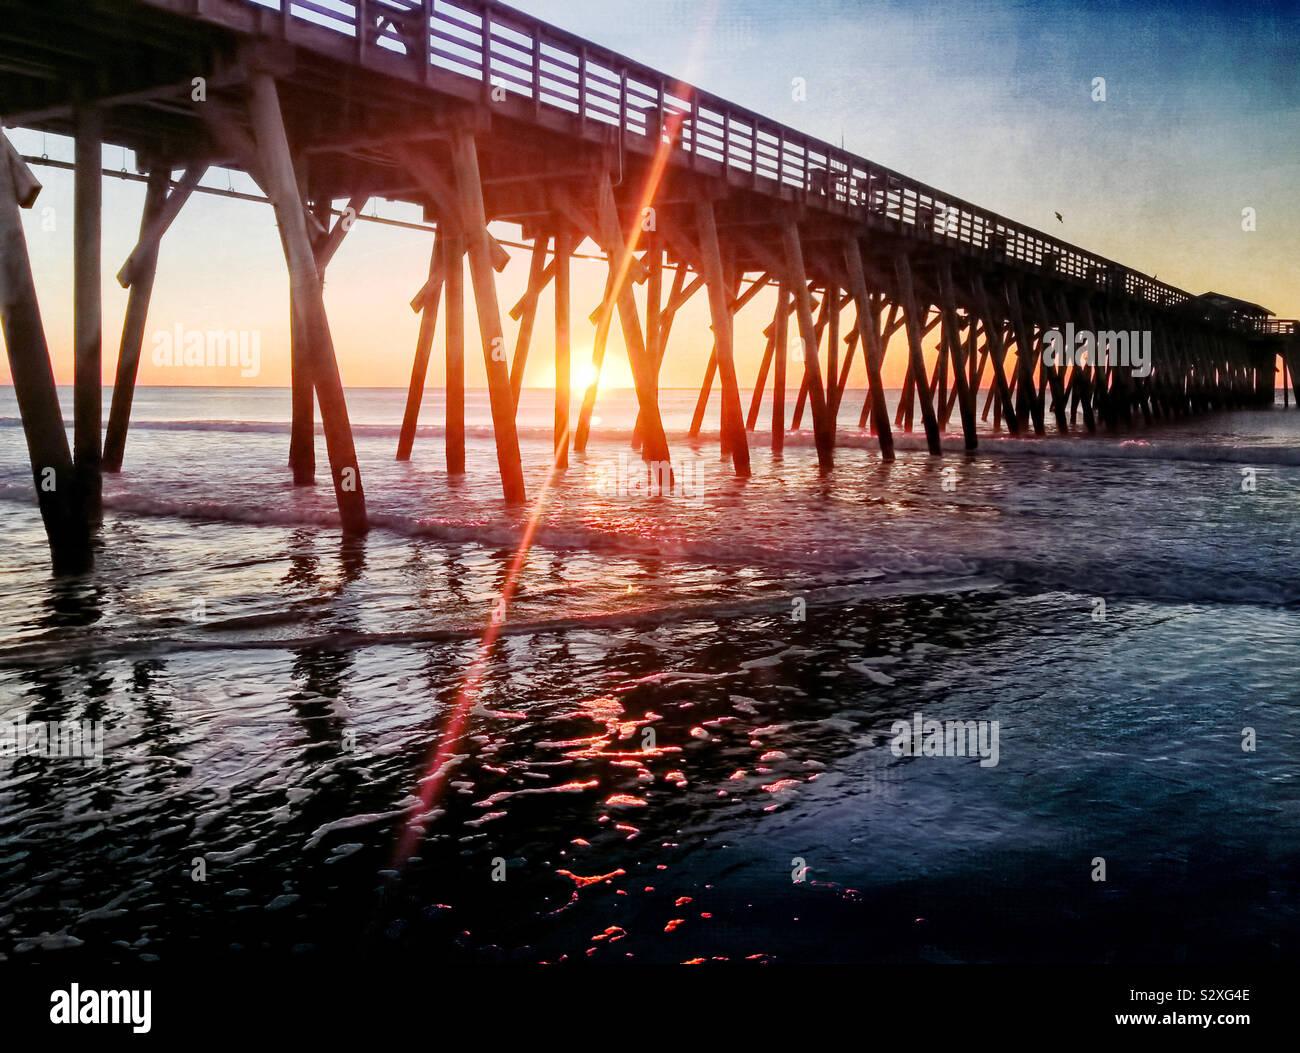 Sunrise dietro un molo in Myrtle Beach South Carolina. Il luminoso riflesso lenti da sole nascente crea interesse visivo. Foto Stock